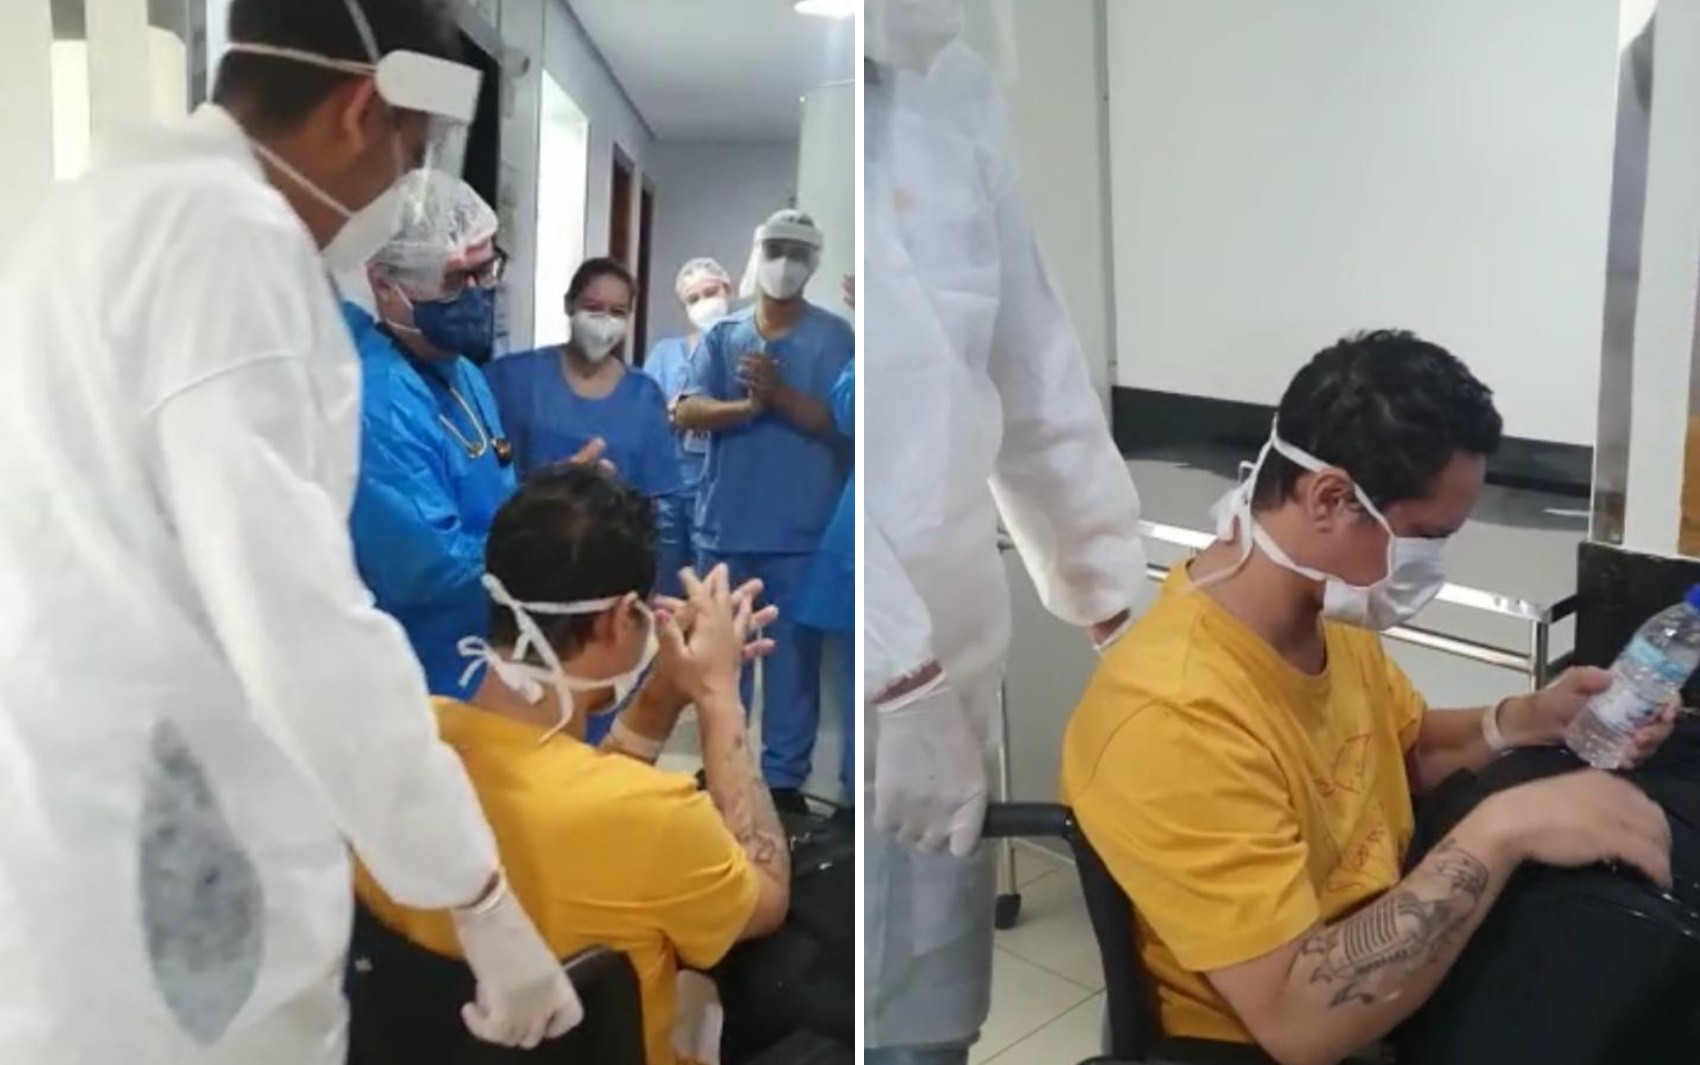 Paciente compõe música em homenagem a profissionais da saúde após vencer a Covid-19, em Goiânia: 'Anjos'